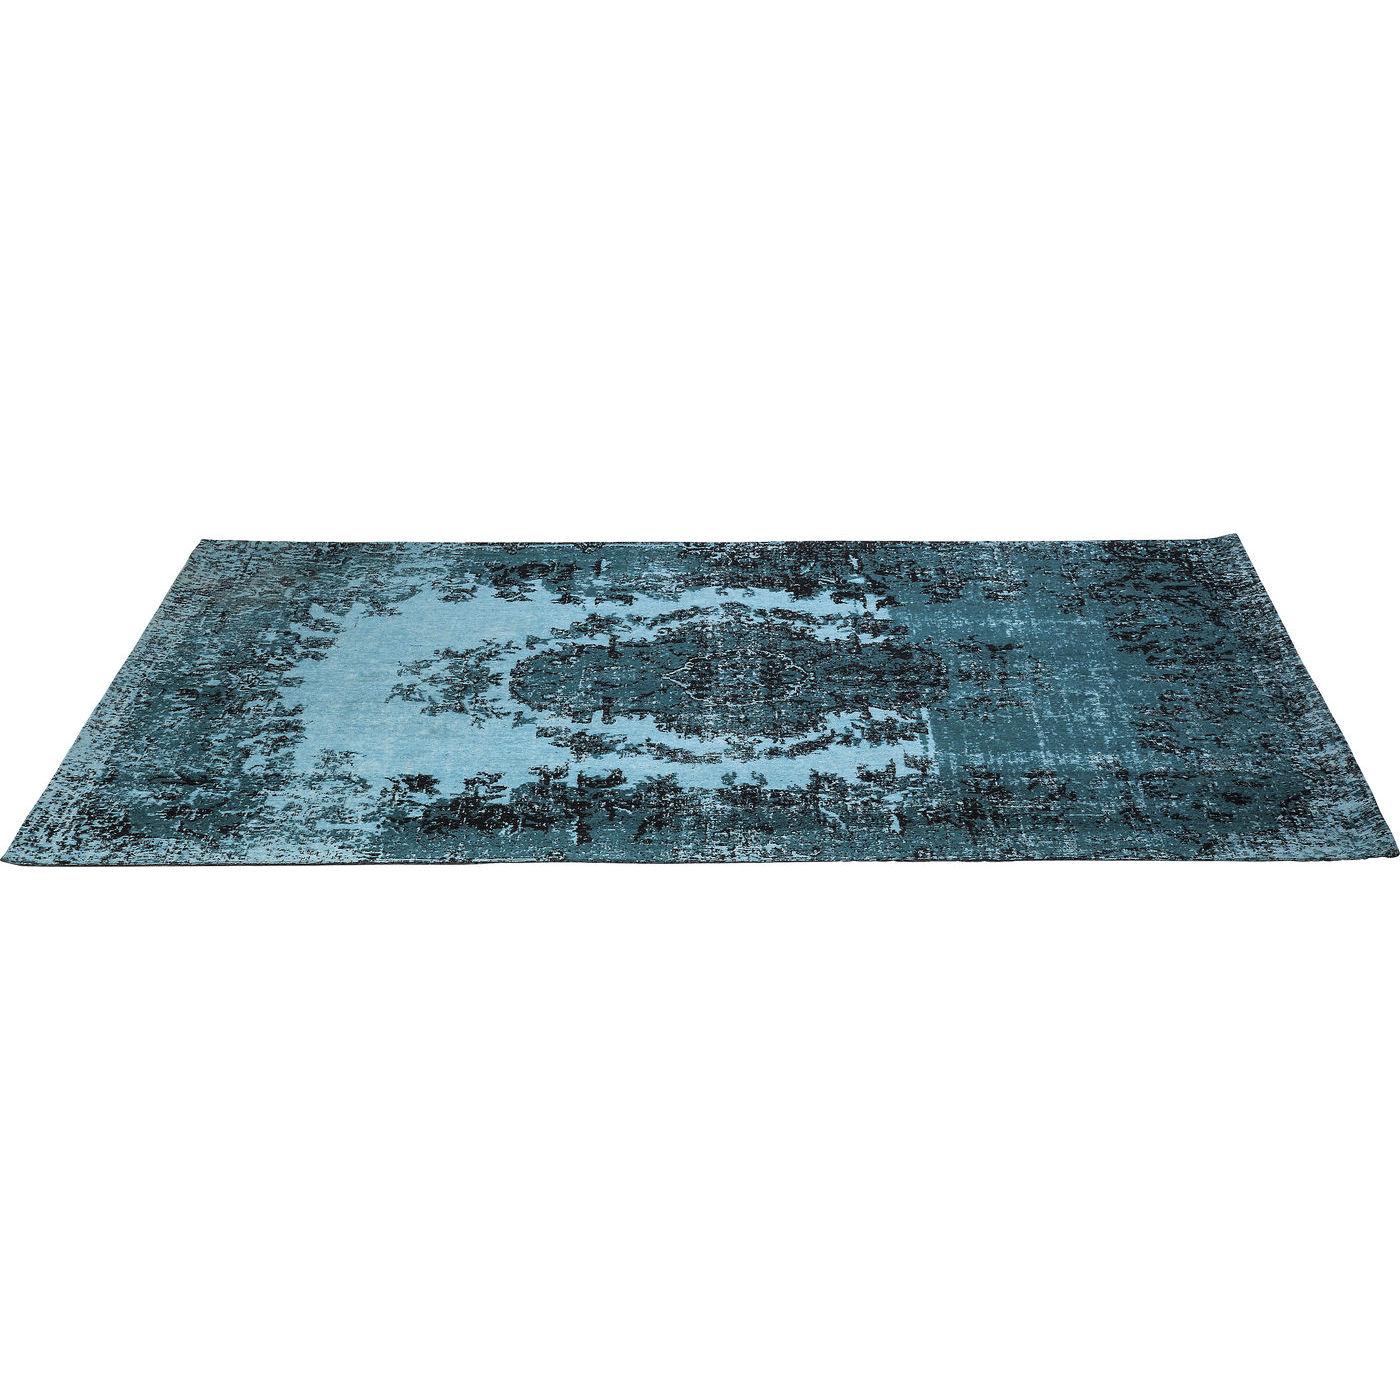 Billede af Kare Design Tæppe, Kelim Pop Turquoise 240x170cm